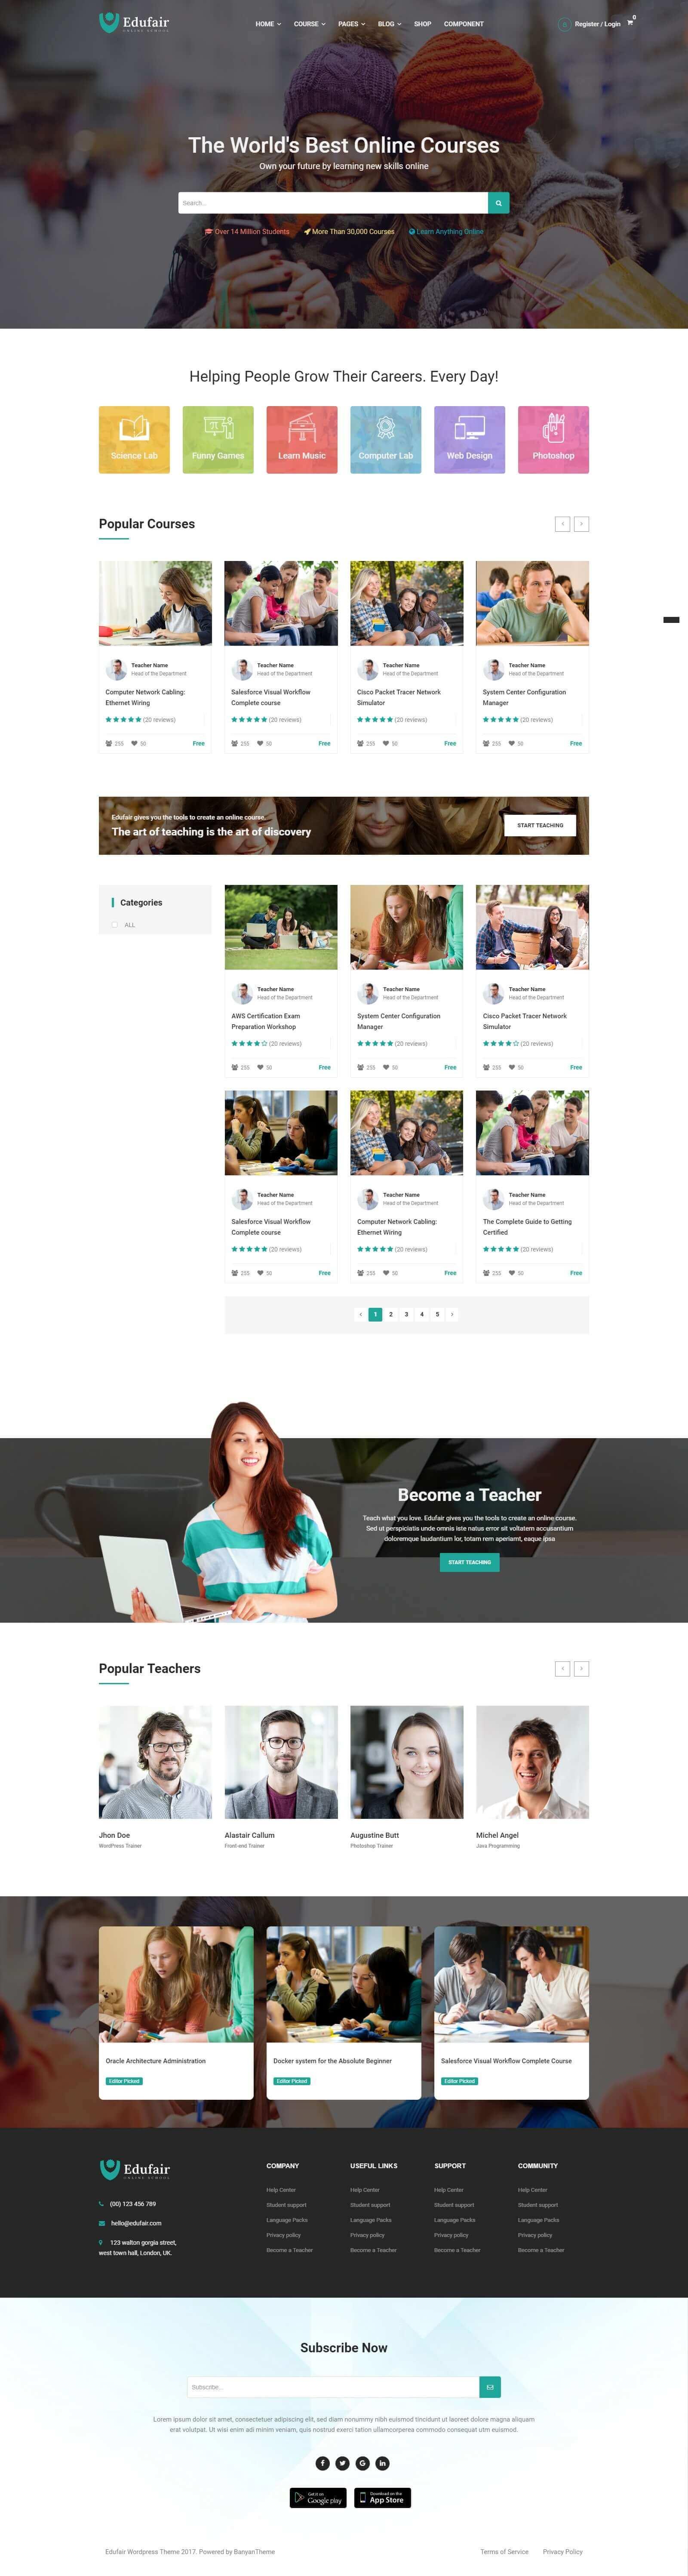 Mẫu website trường học đẹp, chuyên nghiệp, chuẩn seo